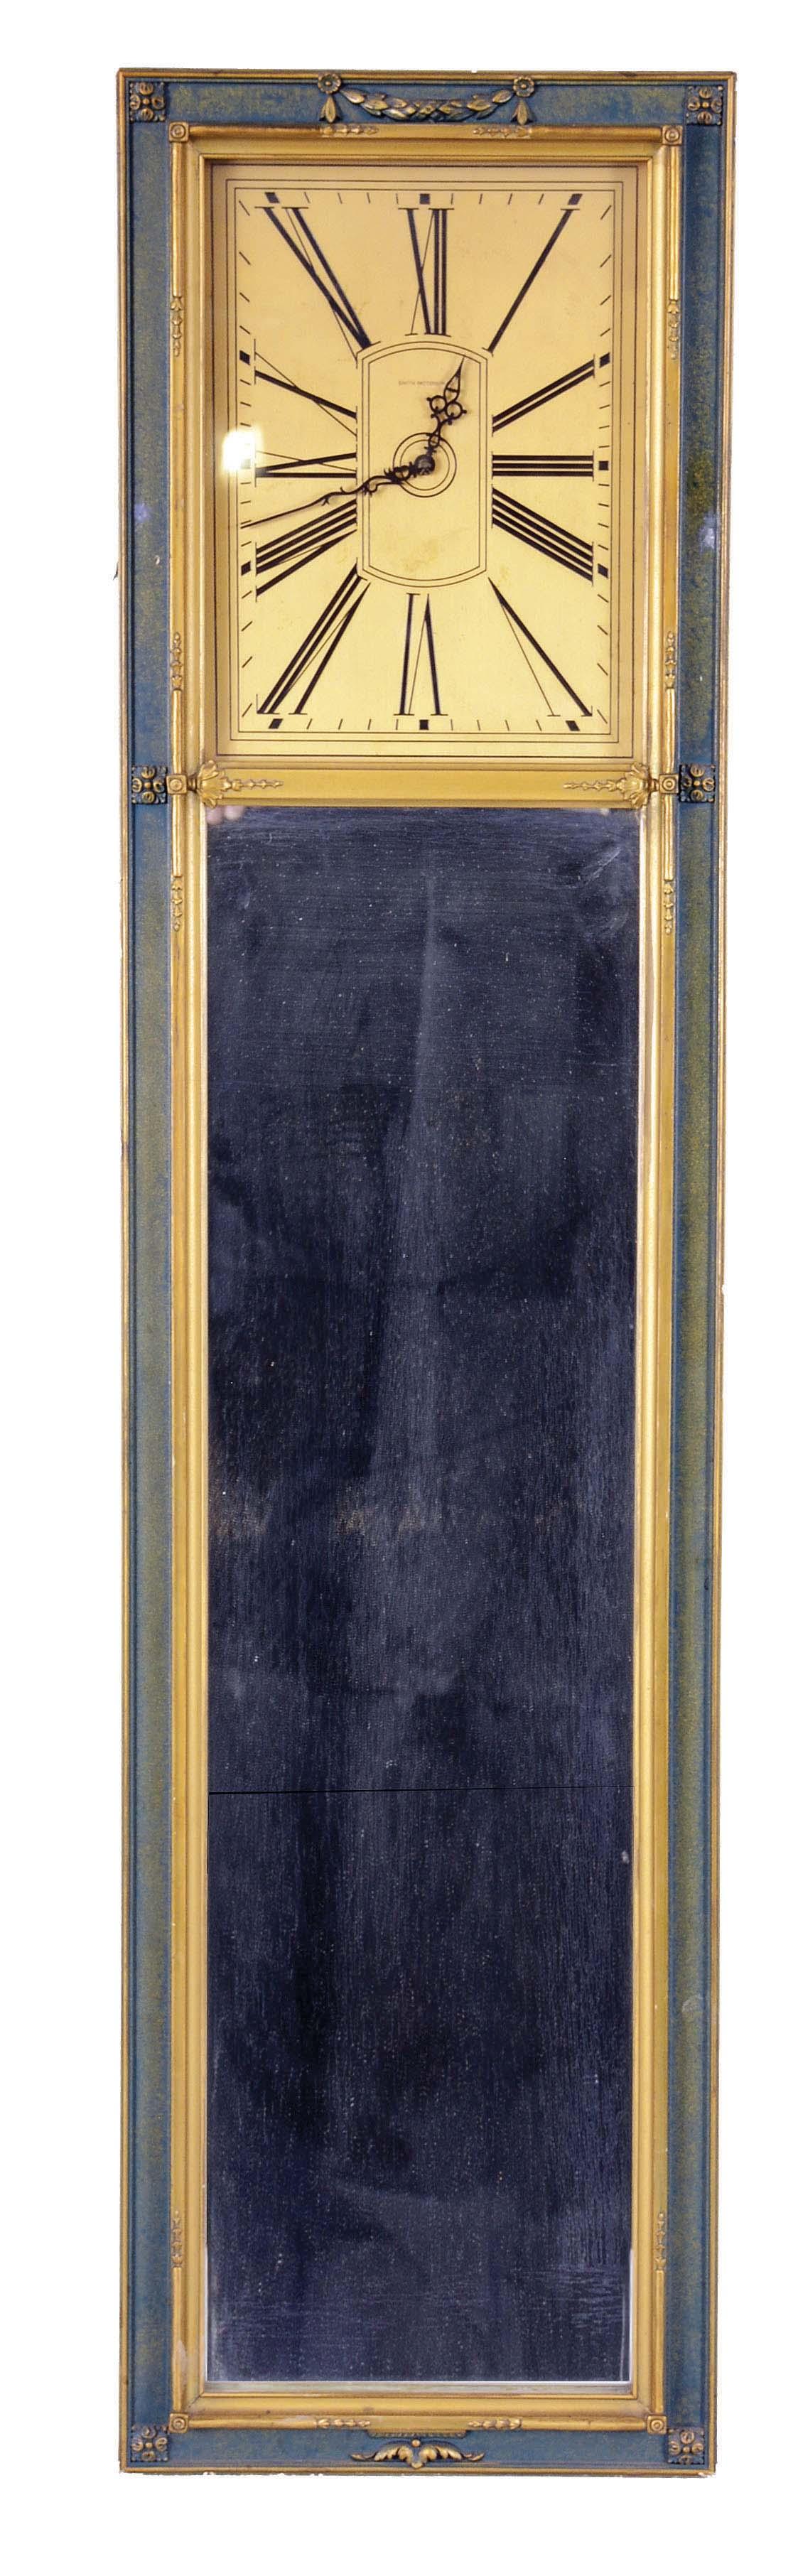 19273_01.jpg